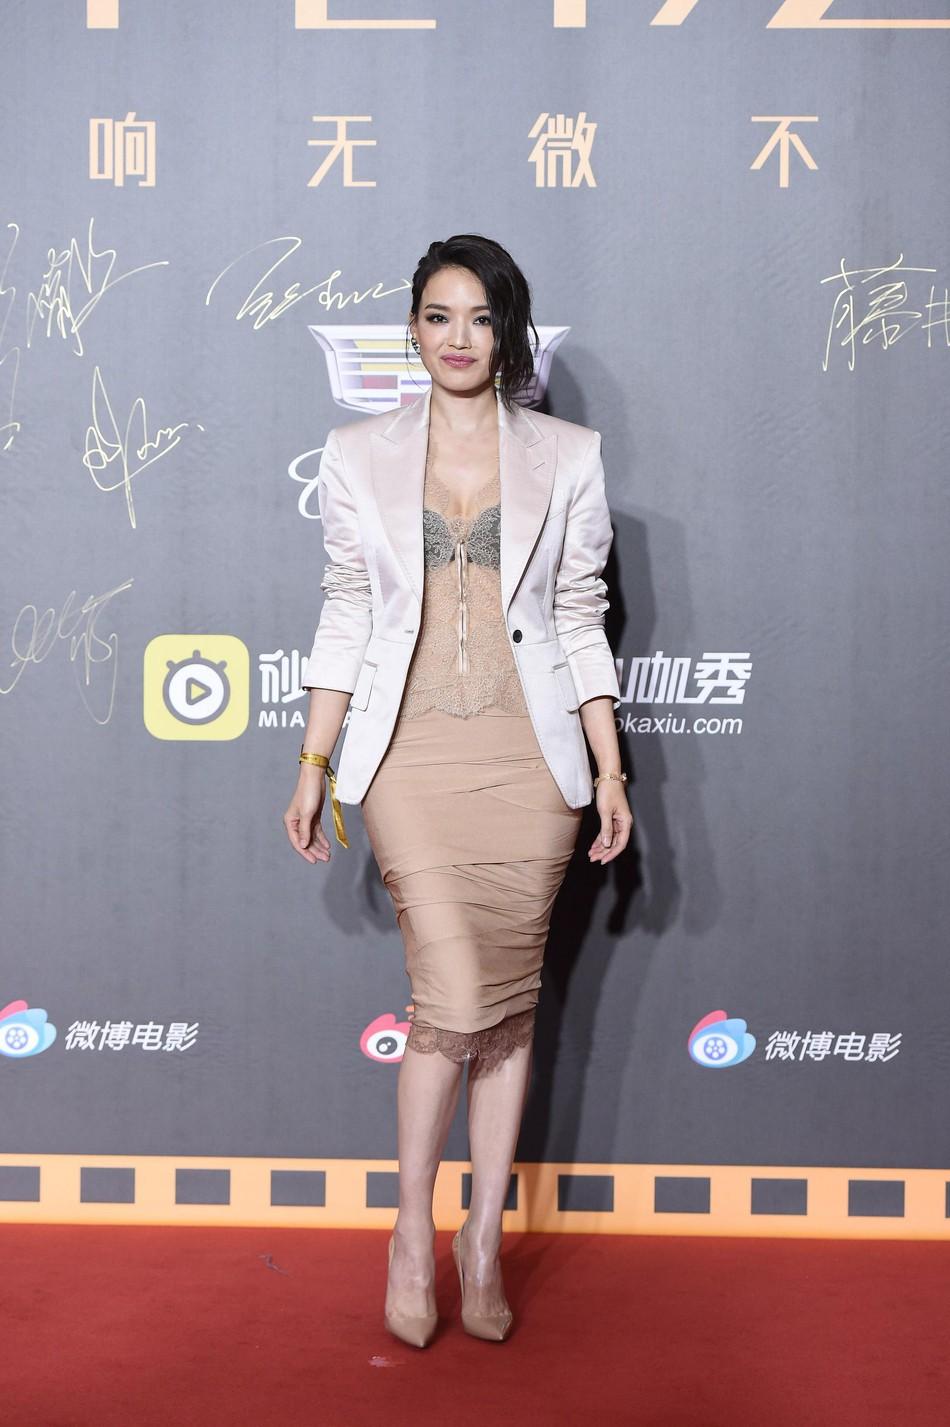 Thảm đỏ Weibo: Kim Kardarshian Trung Quốc o ép vòng 1 bức thở bên Thư Kỳ, Dương Siêu Việt khoe nhan sắc không tì vết - Ảnh 3.